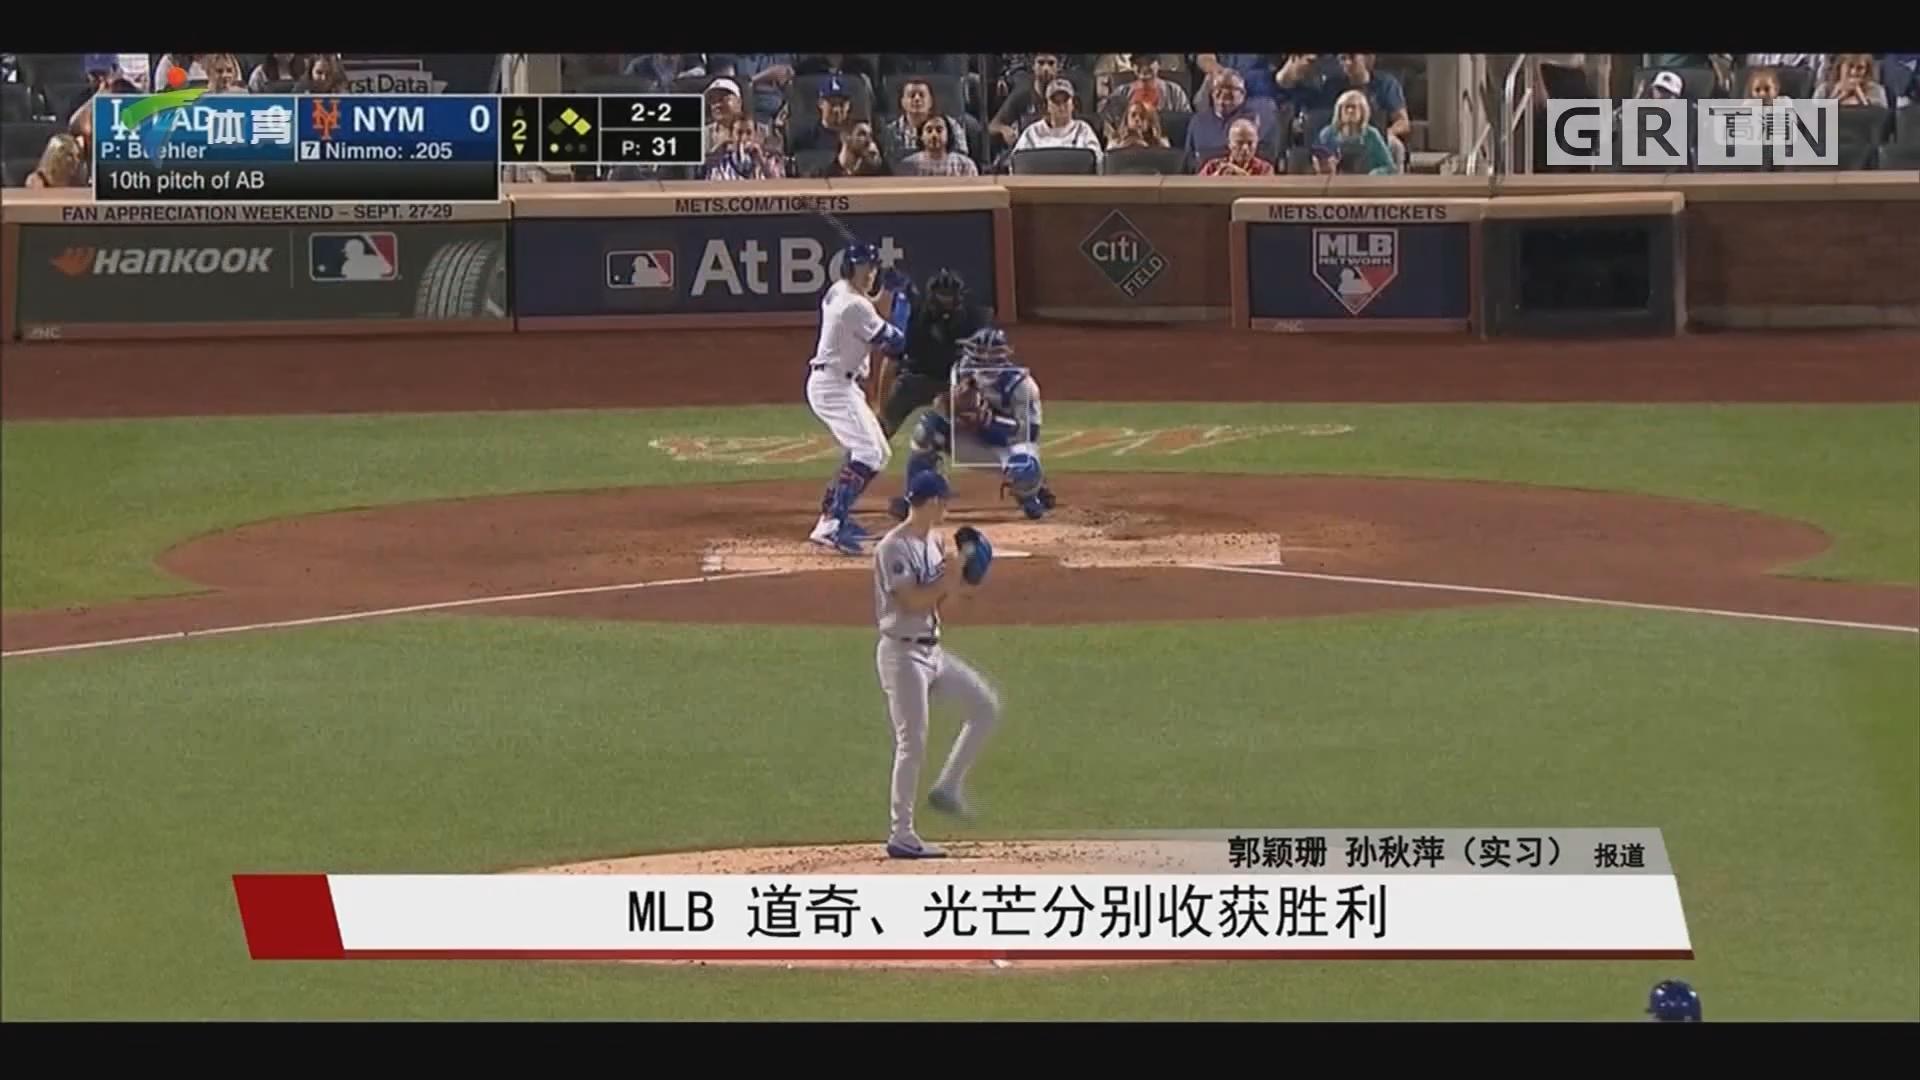 MLB 道奇、光芒分别收获胜利